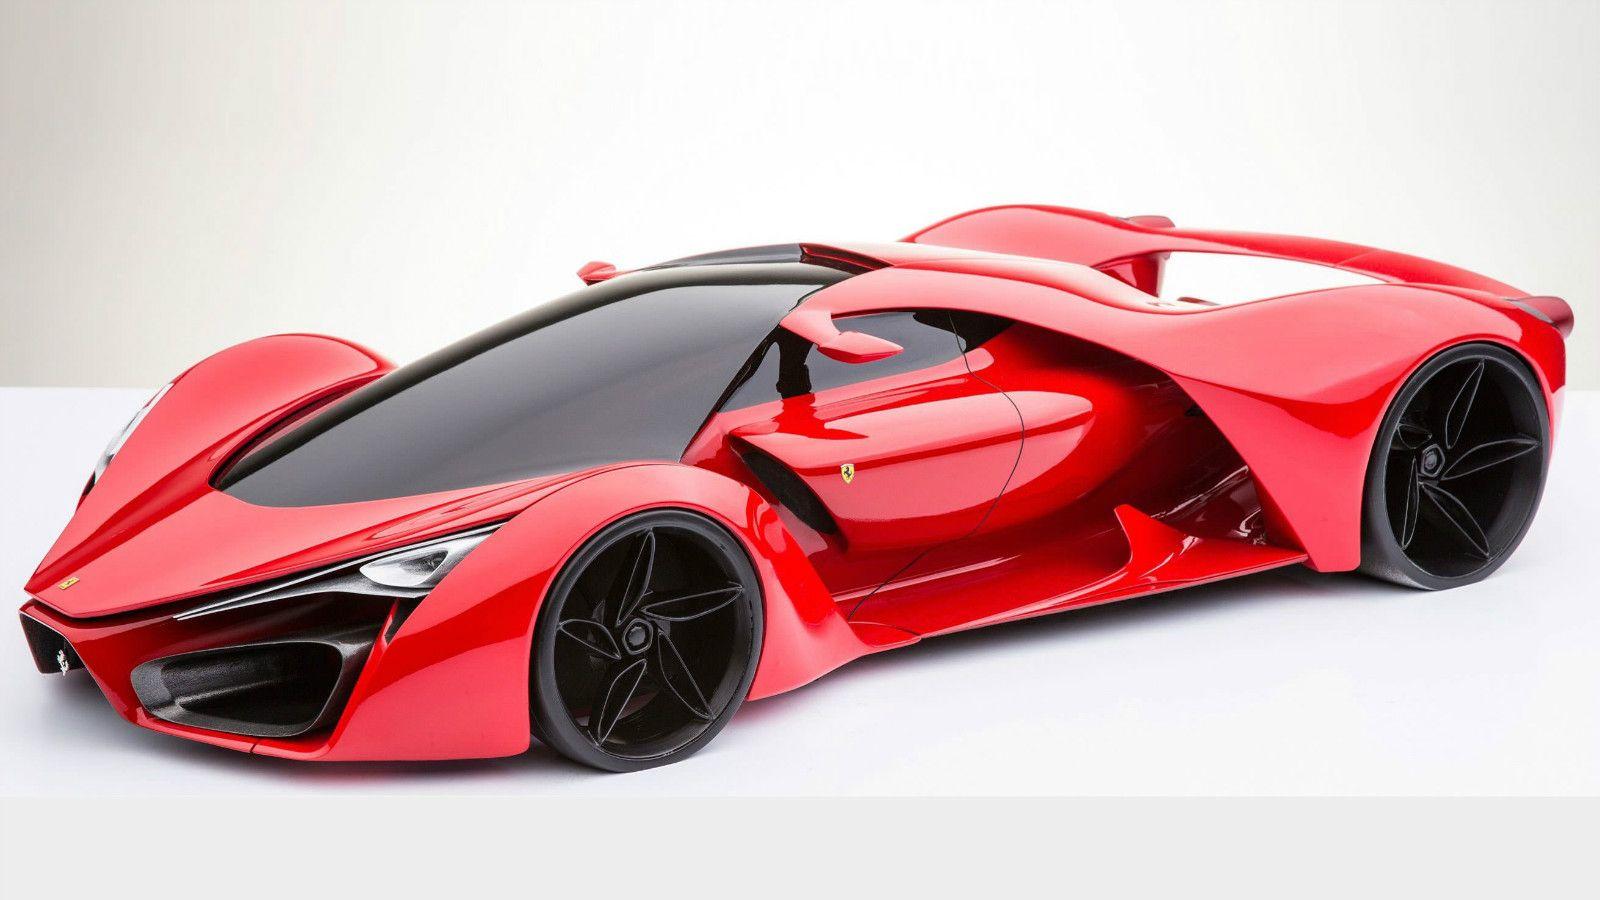 Ferrari F80 Supercar Concept Arch2o Com Super Cars Ferrari F80 Ferrari Car